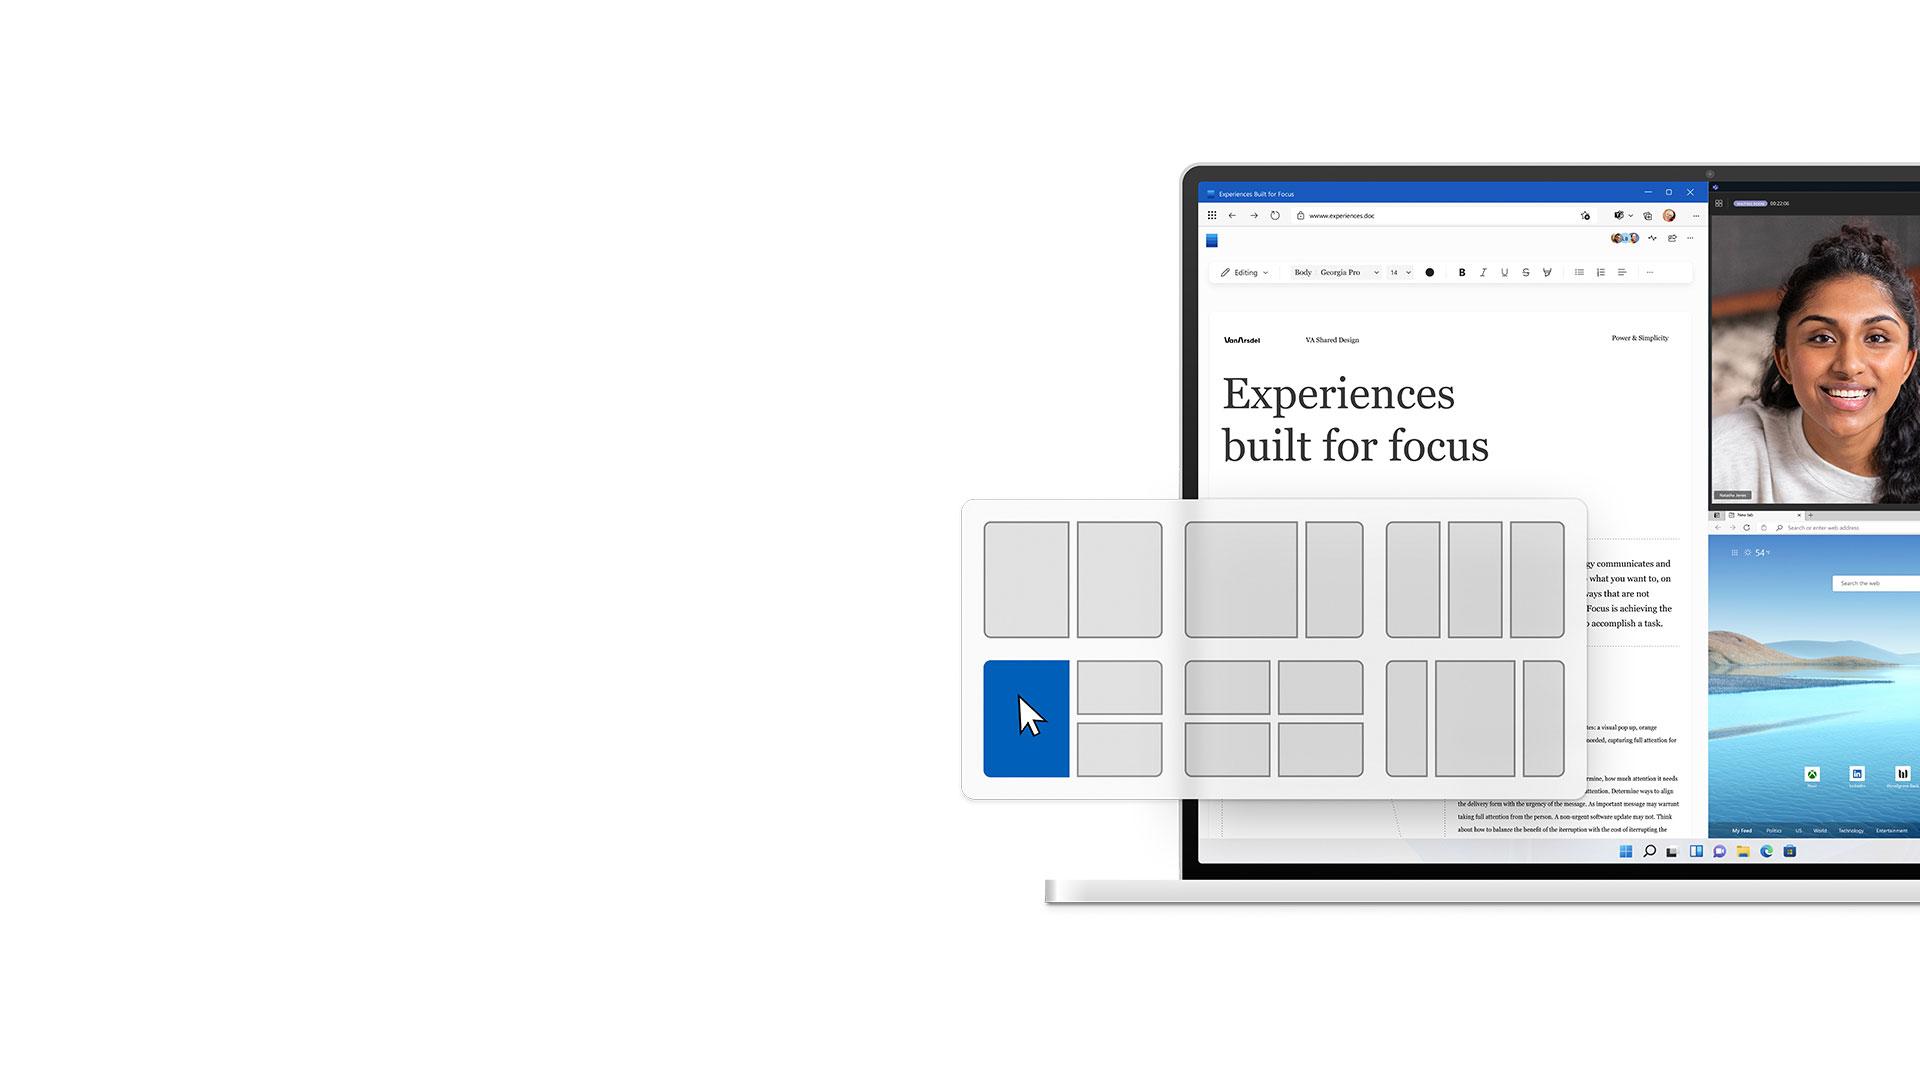 تعرض ميزة Snap لنظام Windows 11 ثلاث تطبيقات على شاشة واحدة